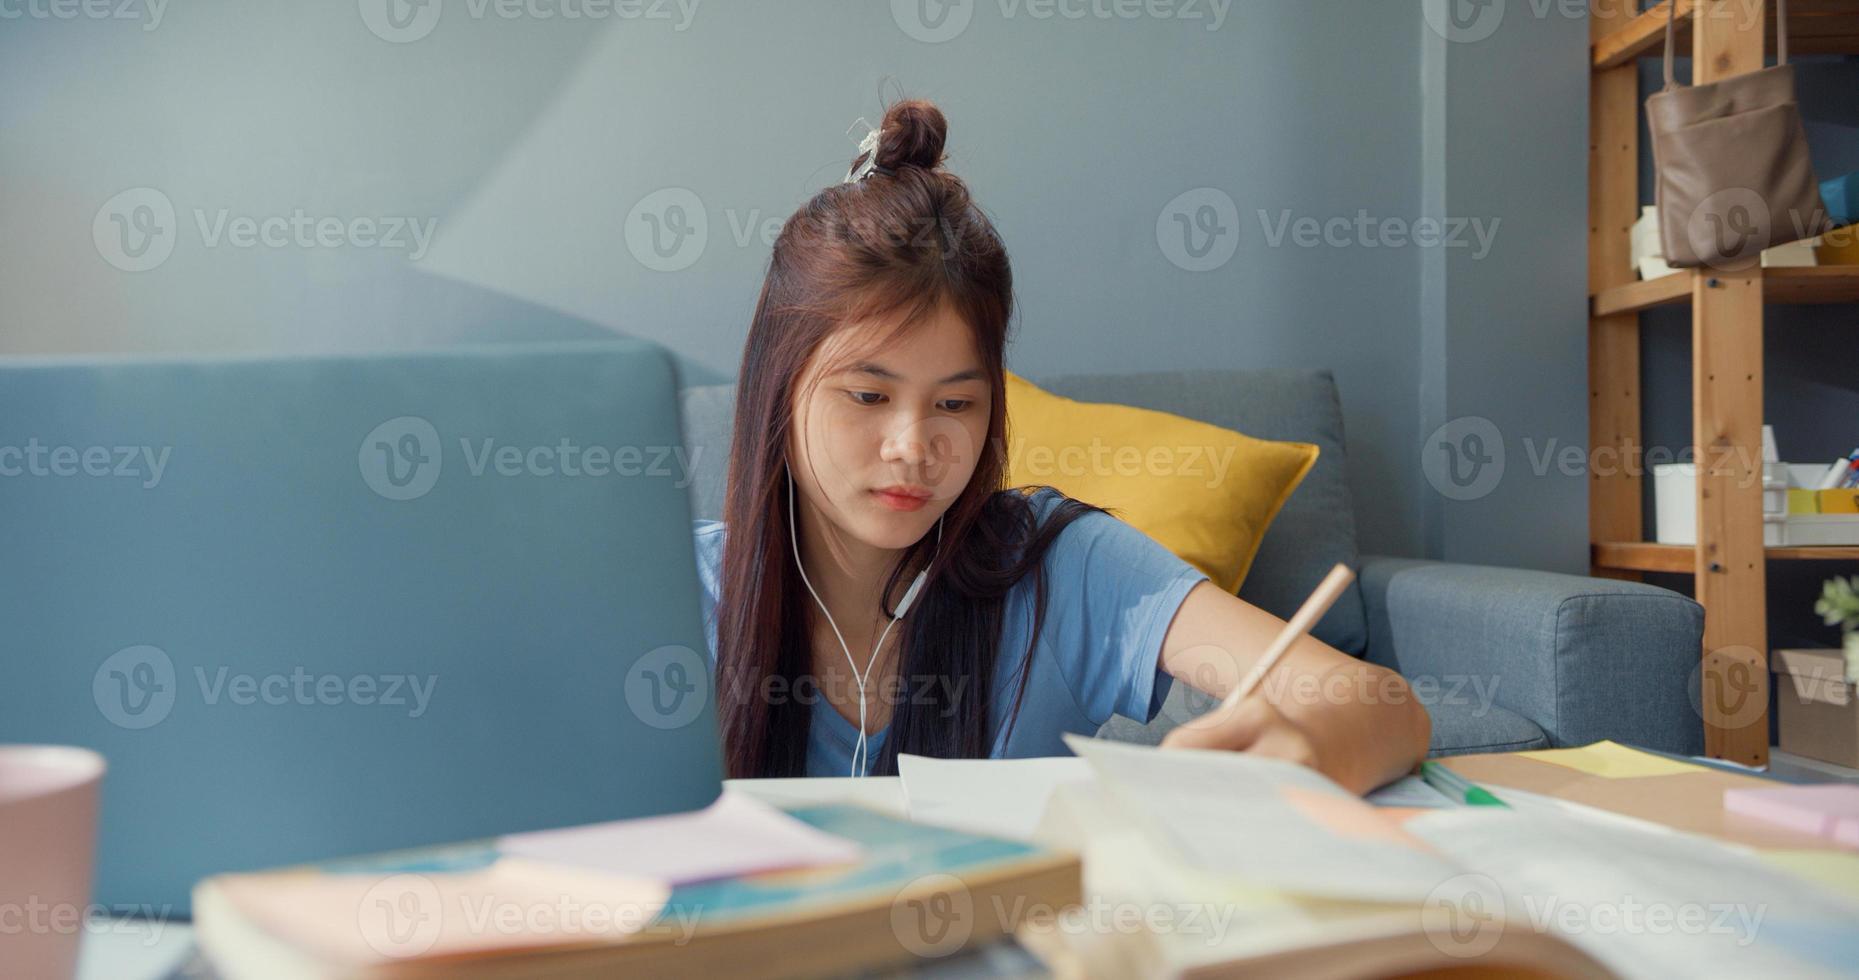 giovane ragazza asiatica adolescente con cuffie per abbigliamento casual usa il computer portatile impara a scrivere online il quaderno delle lezioni nel soggiorno di casa. isolare l'istruzione online e-learning concetto di pandemia di coronavirus. foto